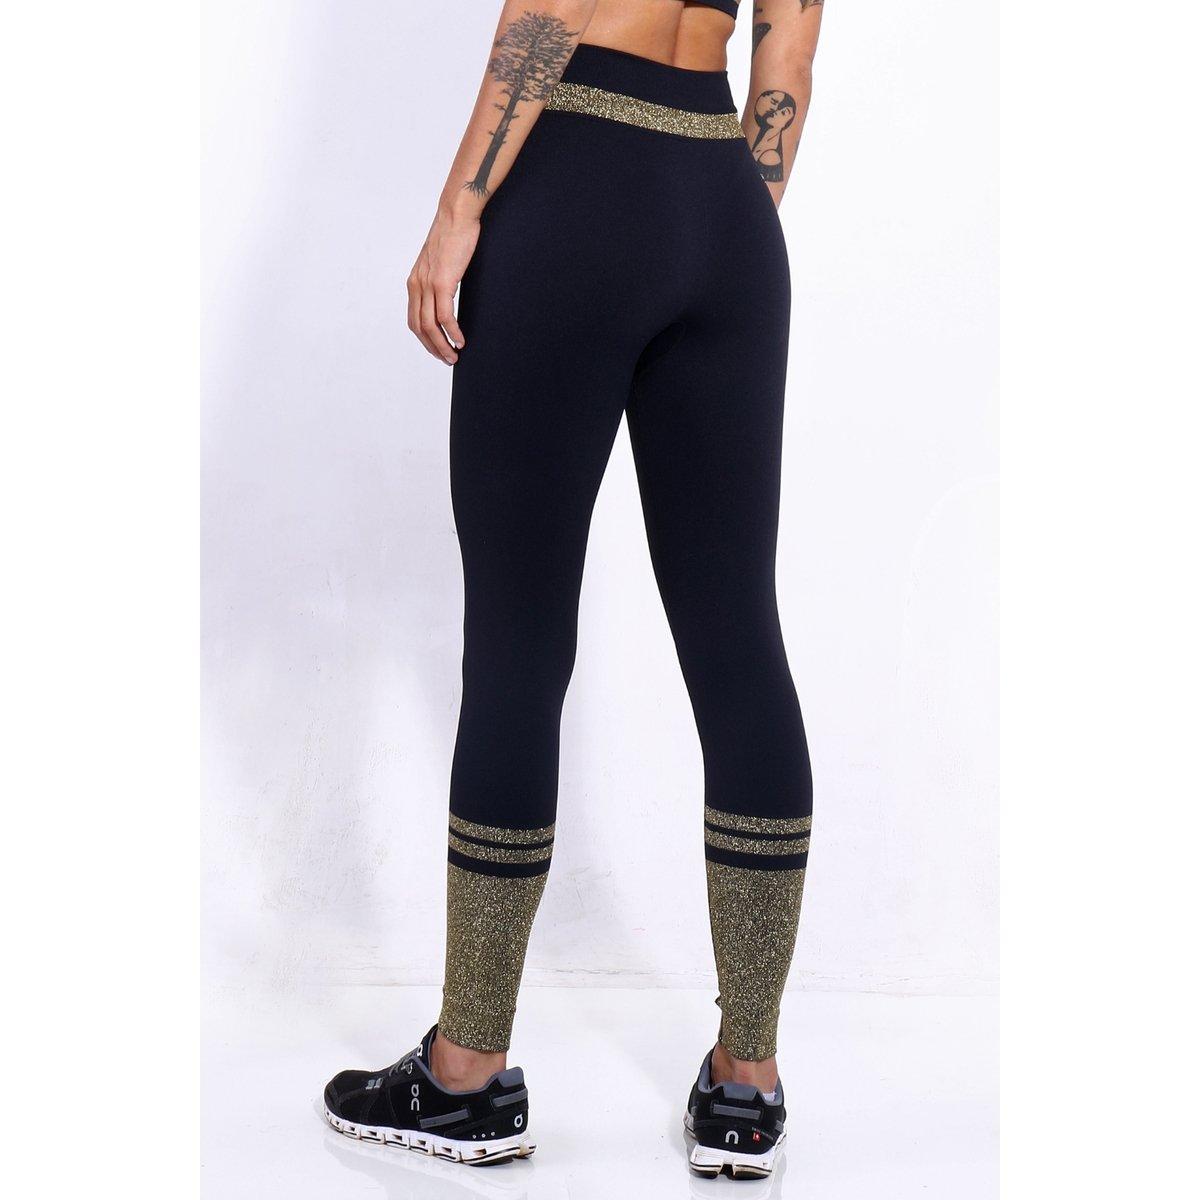 Legging Legging Rokbox e Preto Costura Bright Dourado Rokbox Sem qp5dq